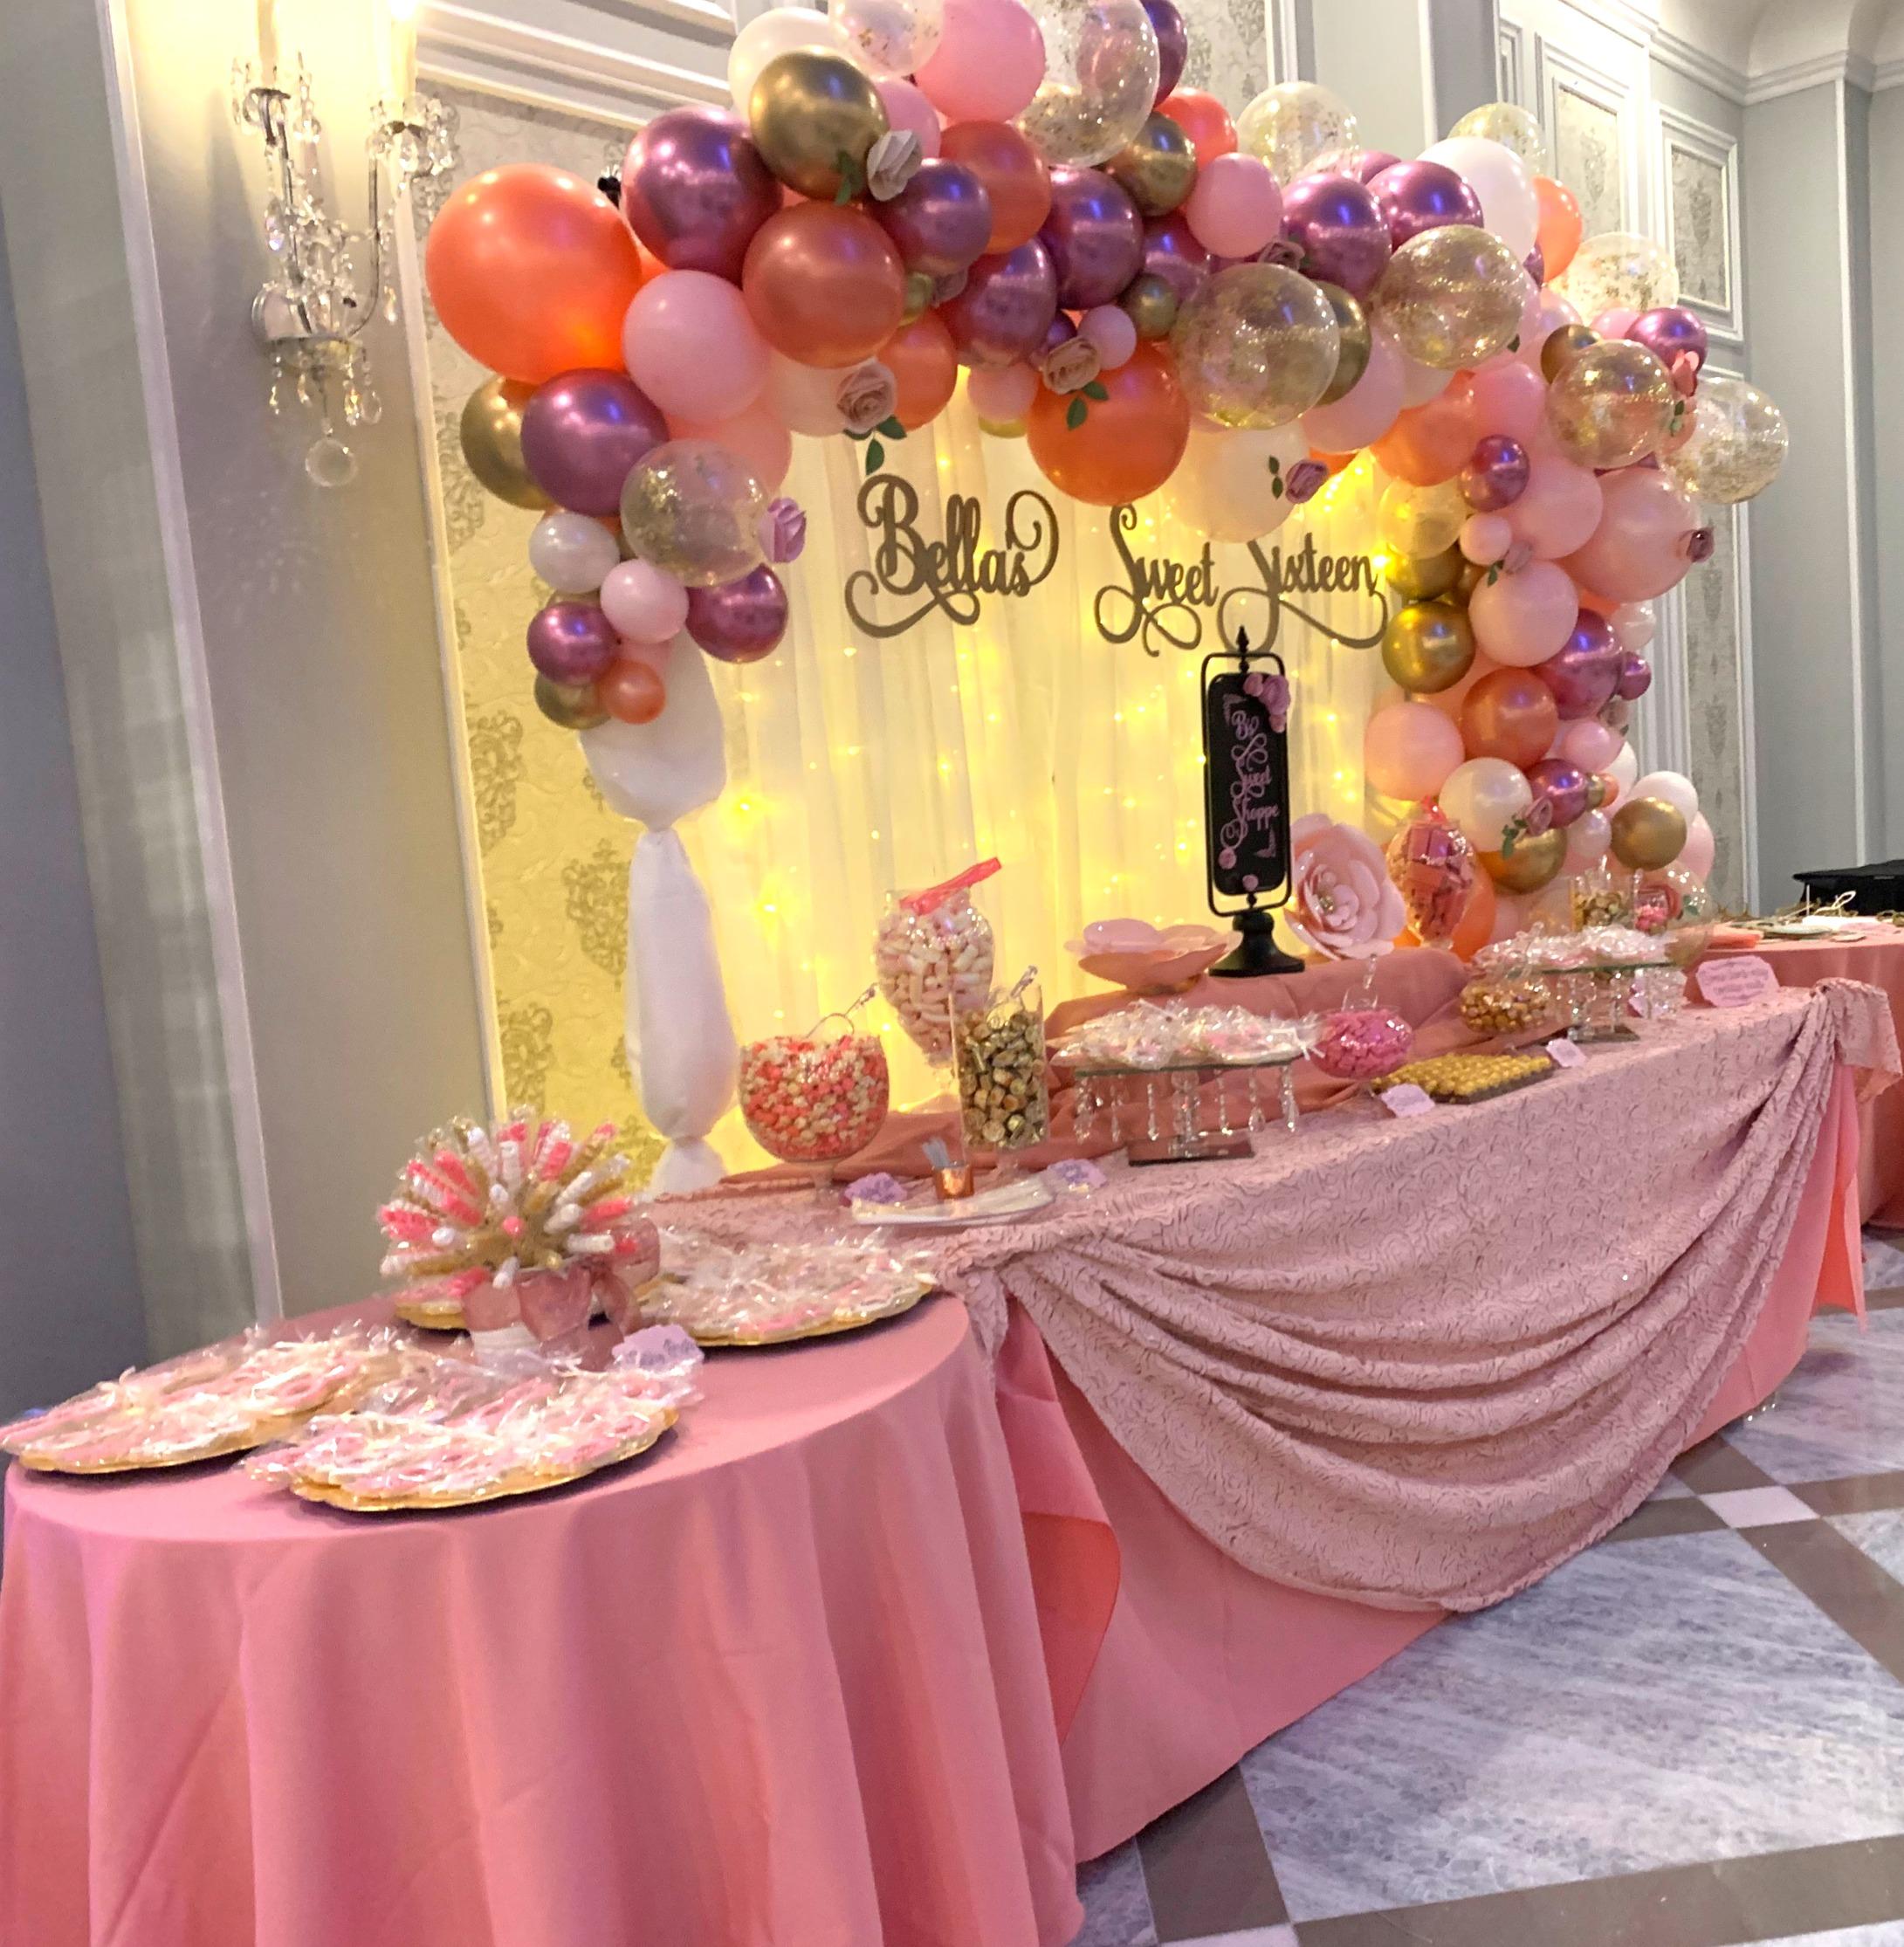 Dessert & candy buffet service